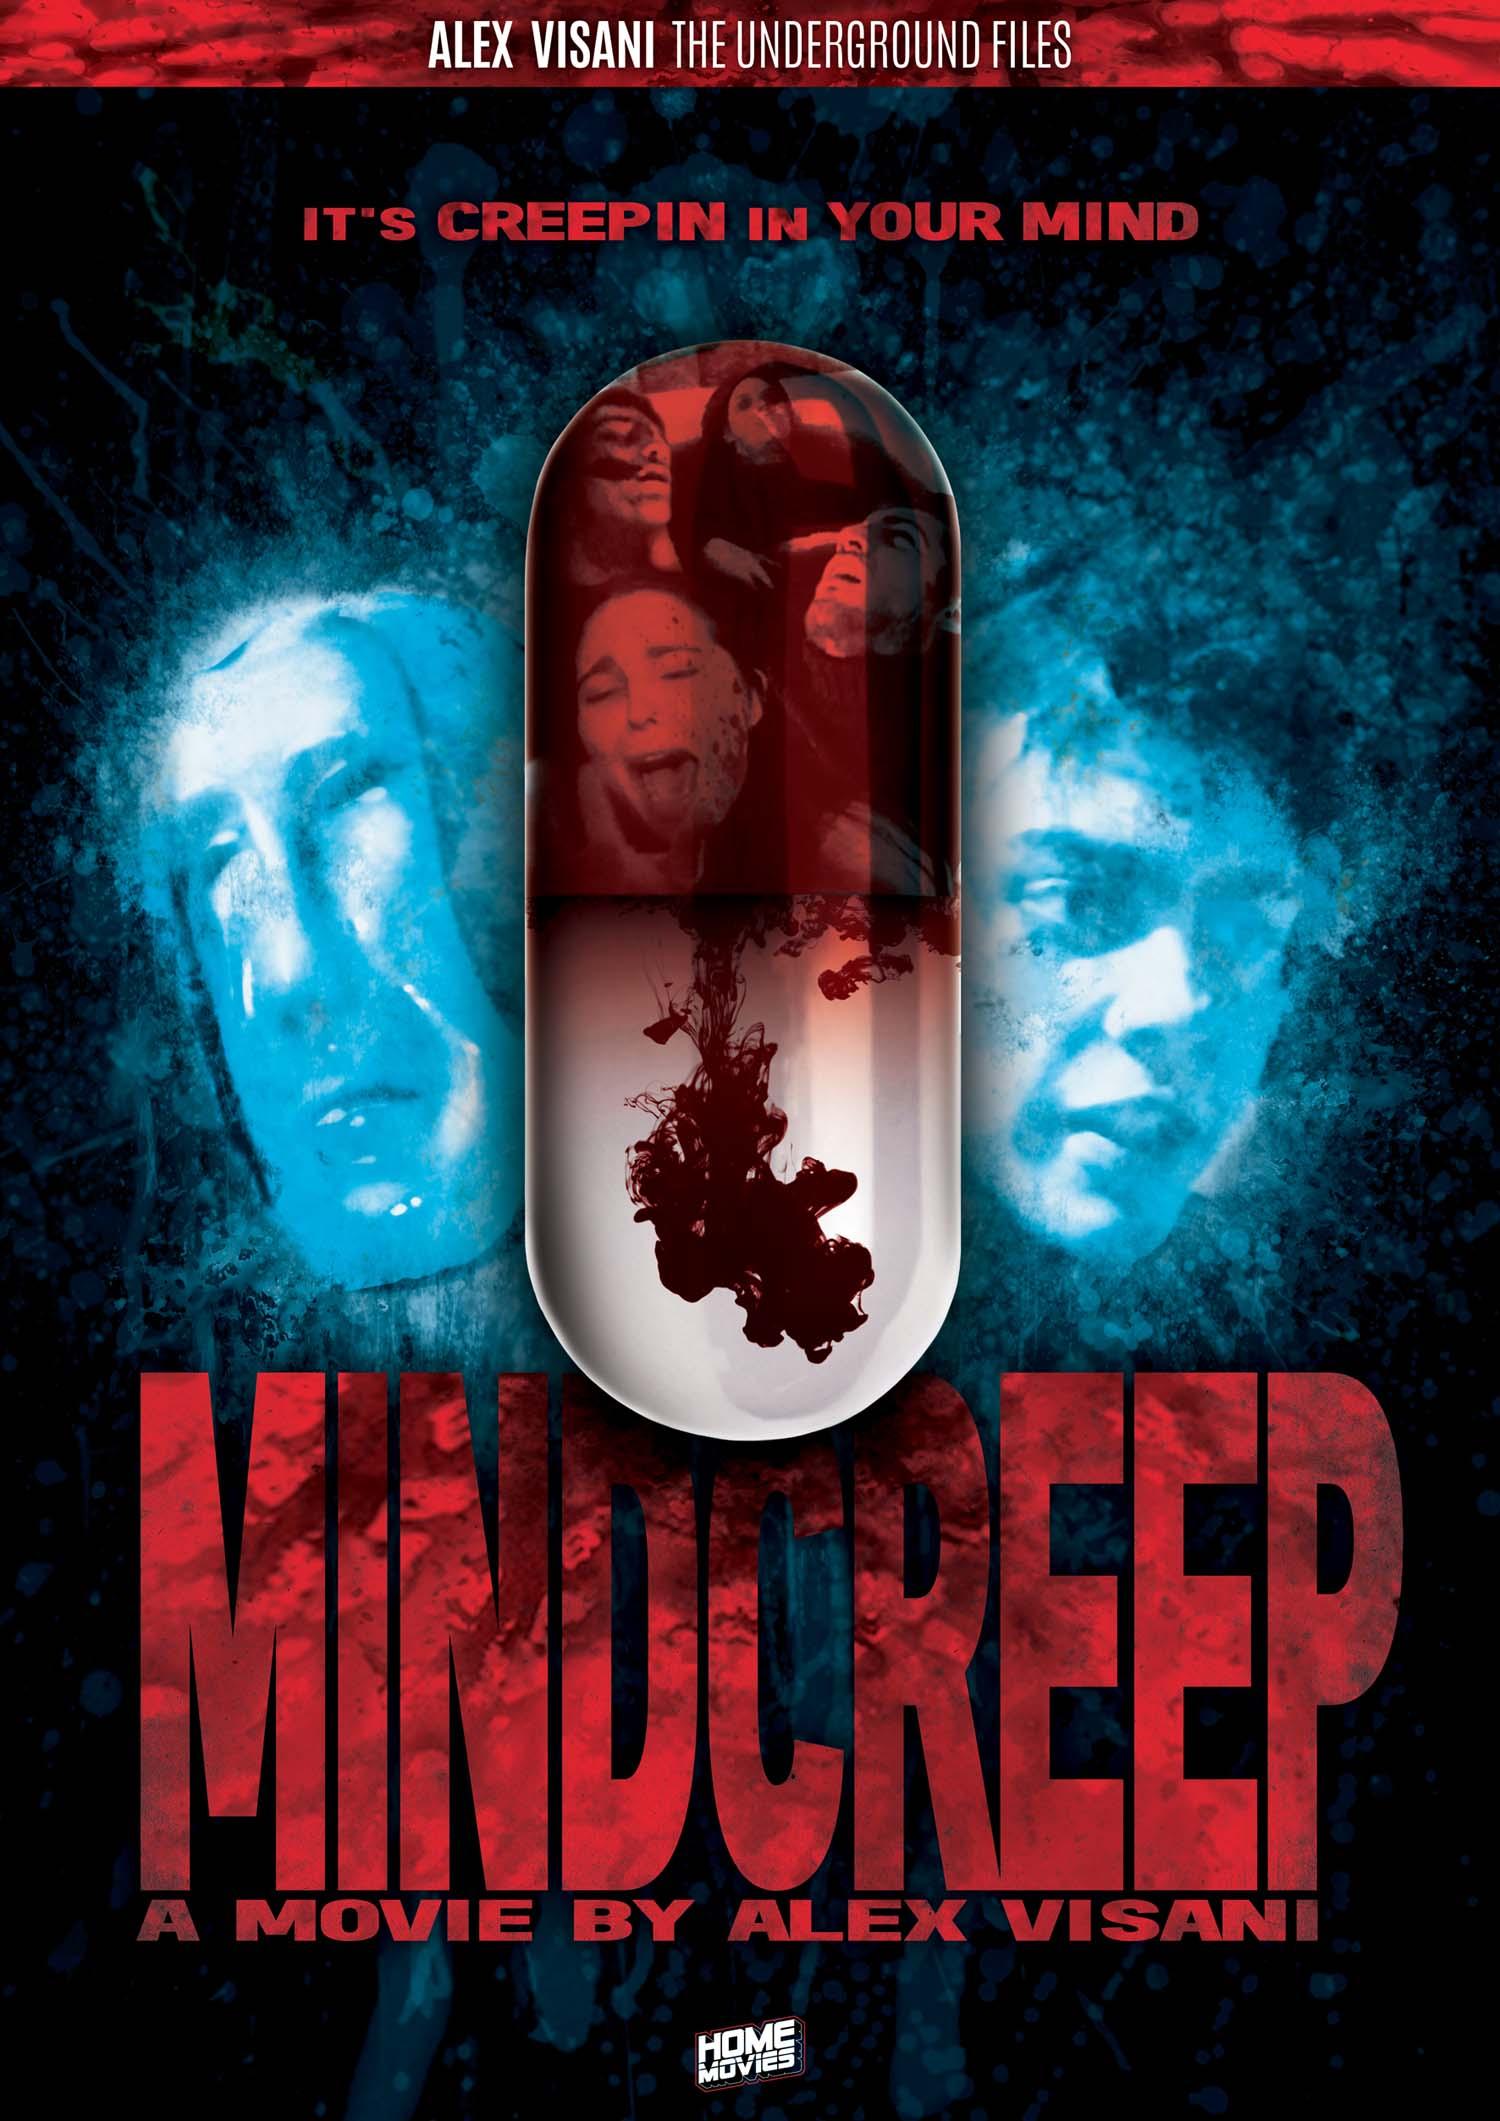 MINDCREEP (EDIZIONE LIMITATA 500 COPIE) (DVD)